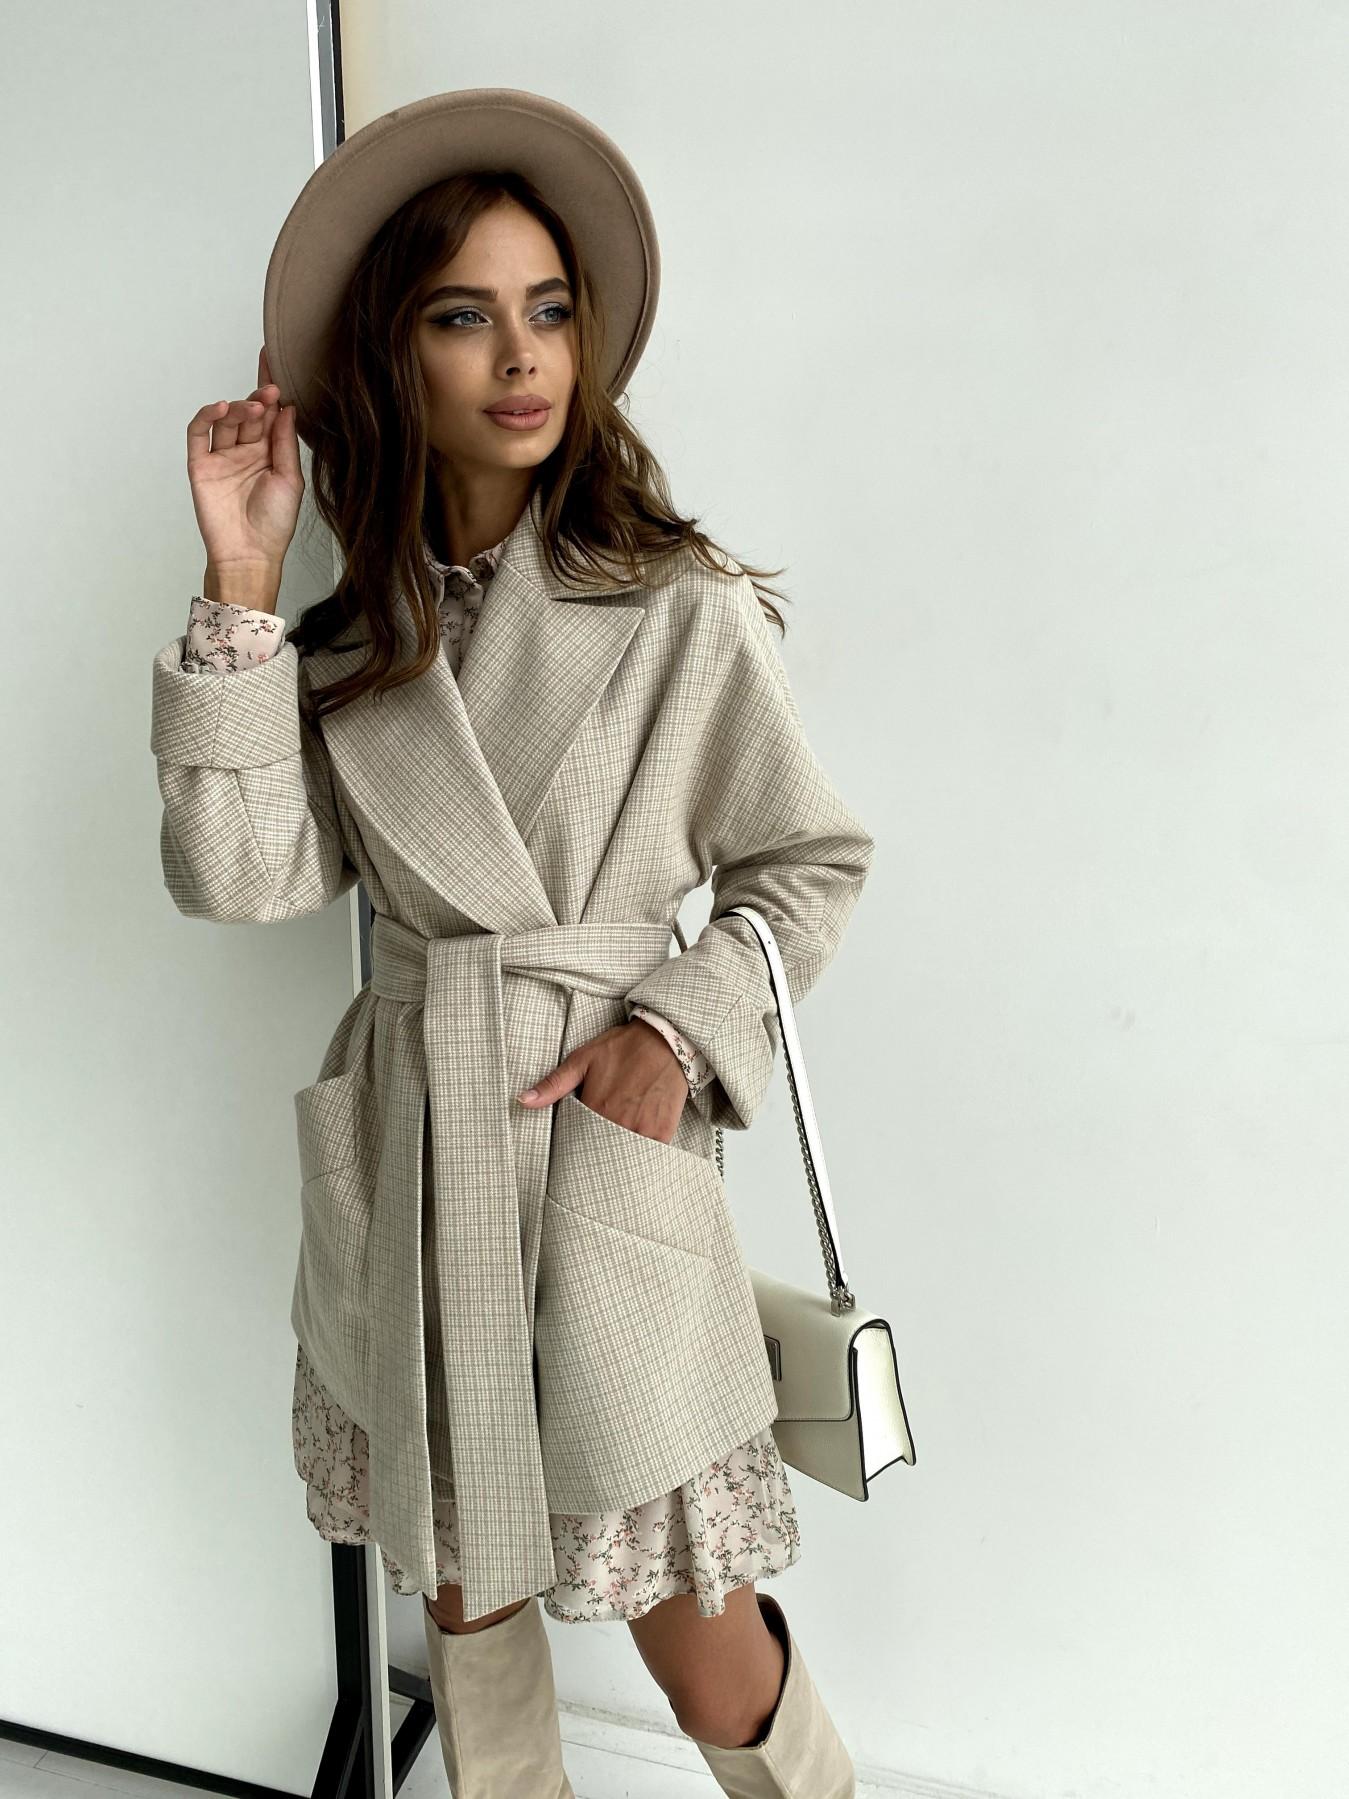 Дефиле пальто из тонкого кашемира 11745 АРТ. 48439 Цвет: Бежевый/молоко/КлМелкая - фото 6, интернет магазин tm-modus.ru